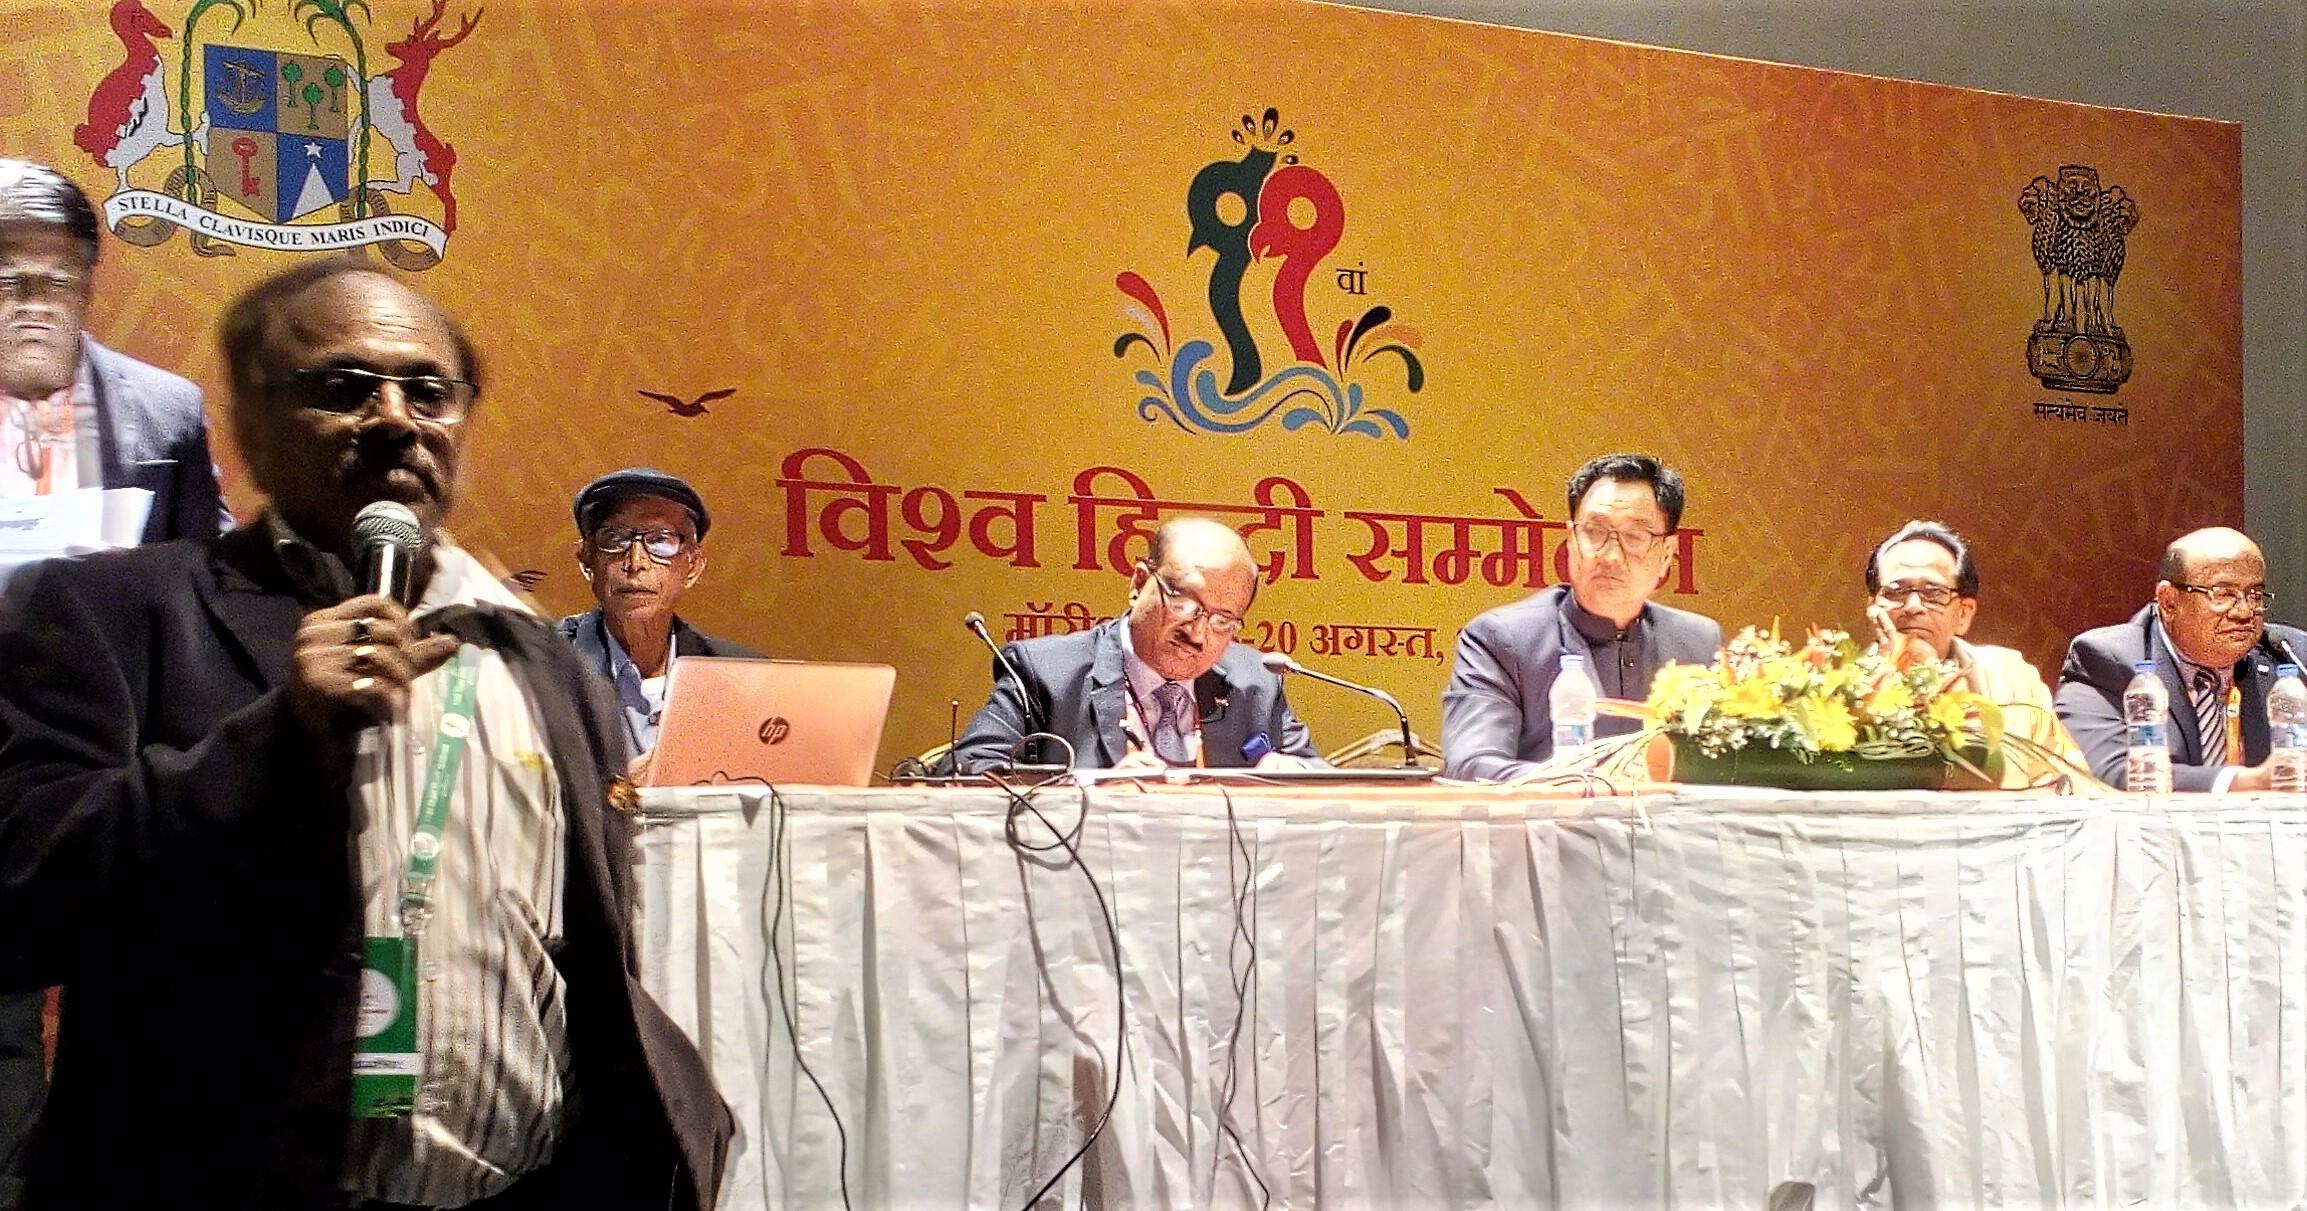 11वां विश्व हिंदी सम्मेलन : मेरी नजर में।